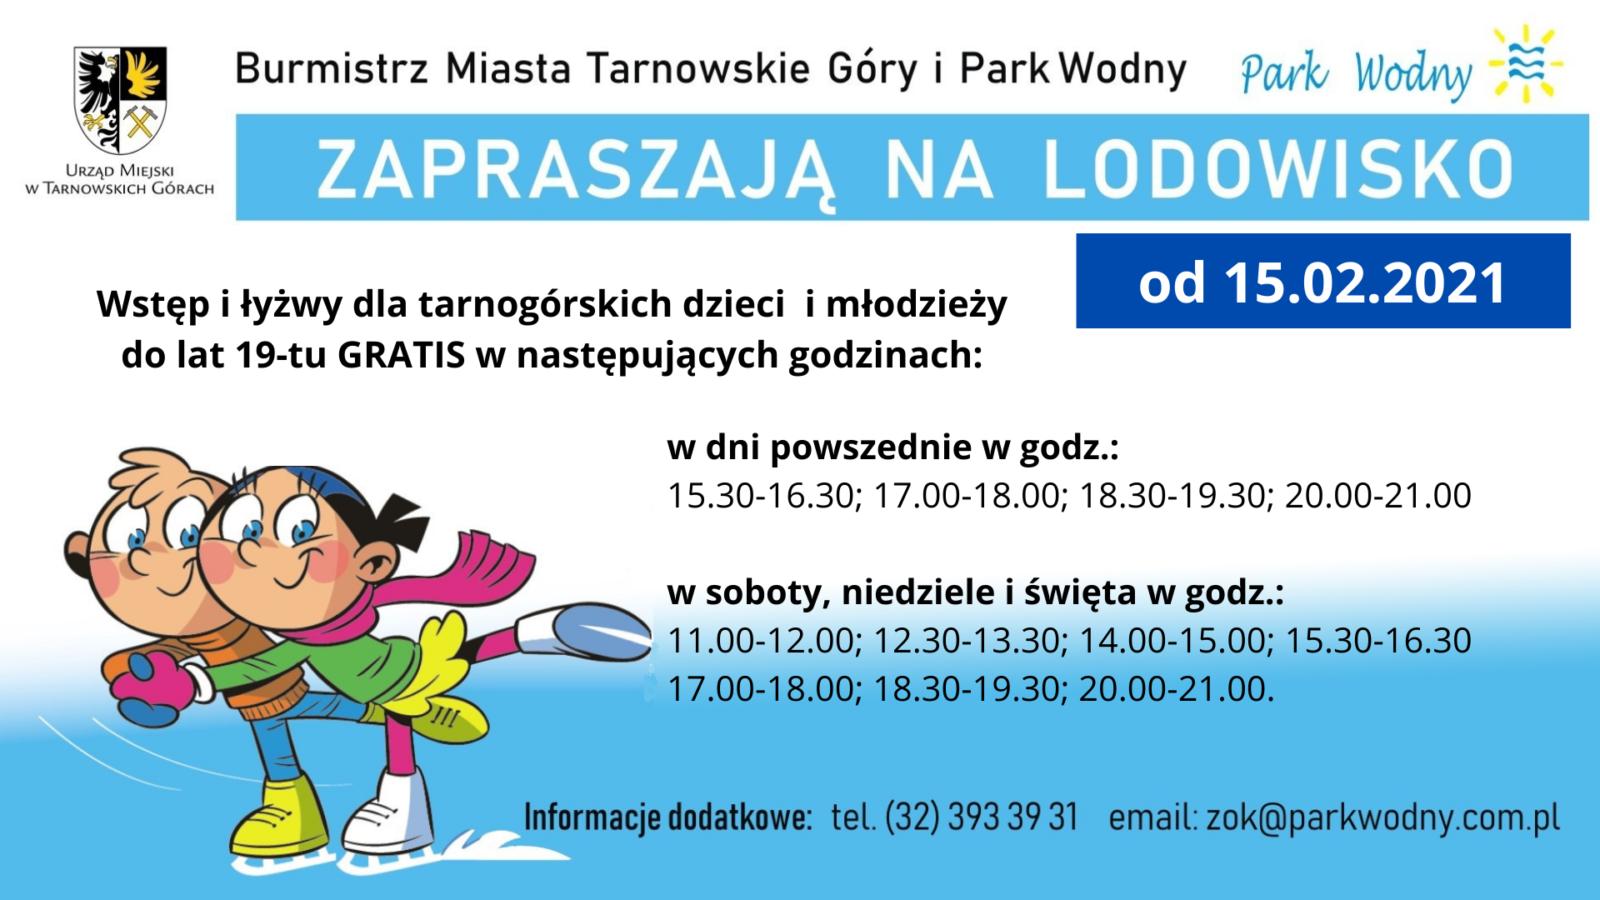 Lodowisko w Tarnowskich Górach rusza 15.02.2021 - infografika